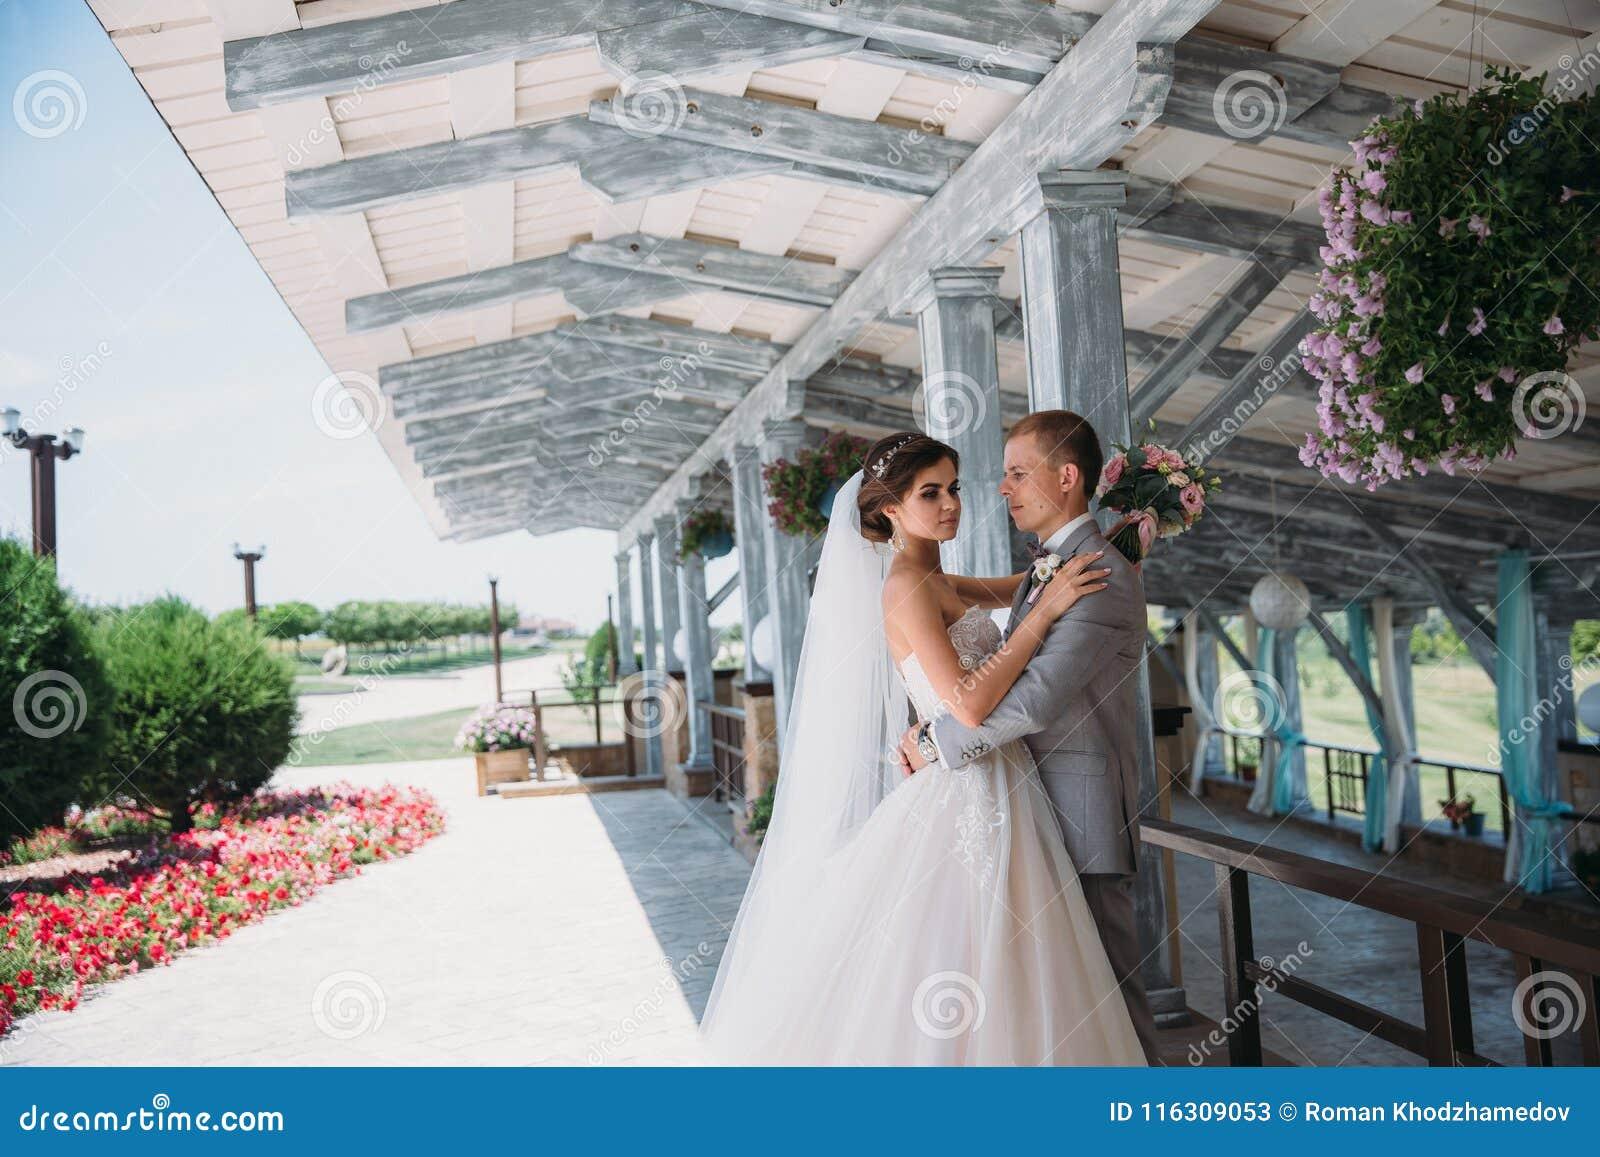 28acdf8fb Retrato de recienes casados el día de boda El novio en un traje gris con una  camisa blanca y una corbata de lazo abraza a una novia hermosa con un  vestido ...